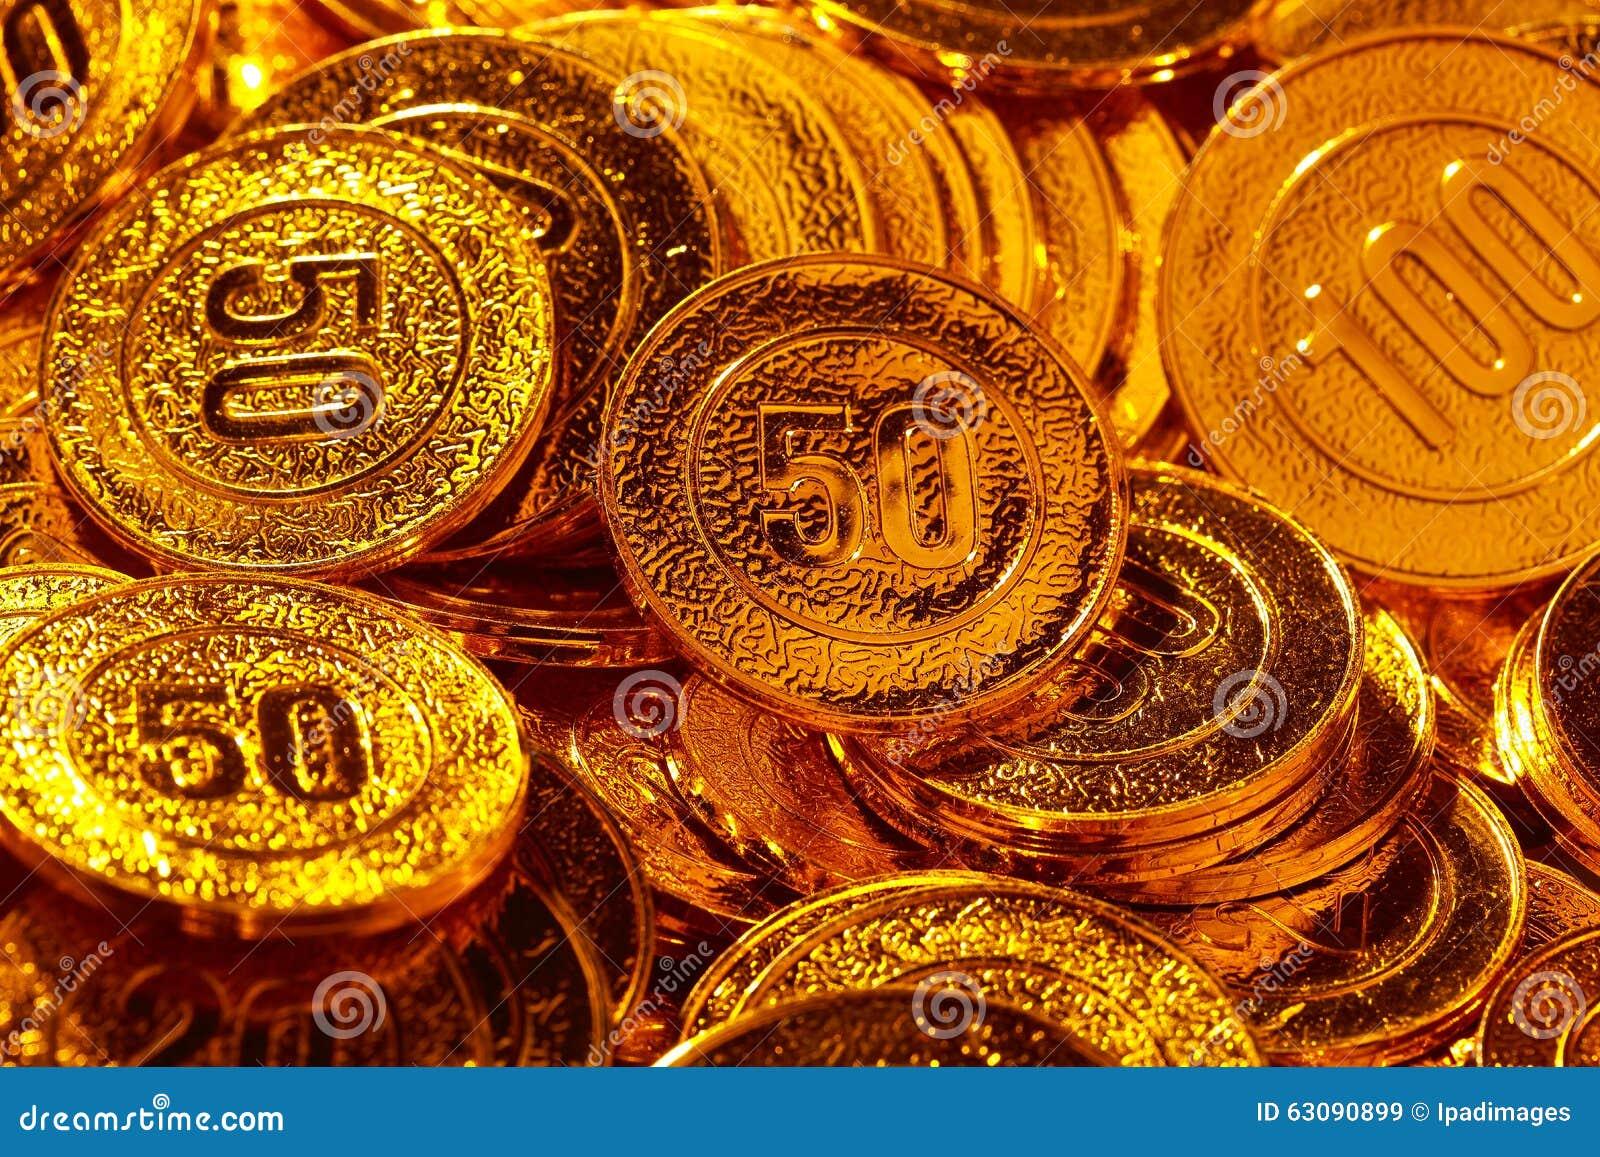 Download Pièces De Monnaie D'or Empilées Dans Un Tas De Fond Image stock - Image du neuf, graphisme: 63090899